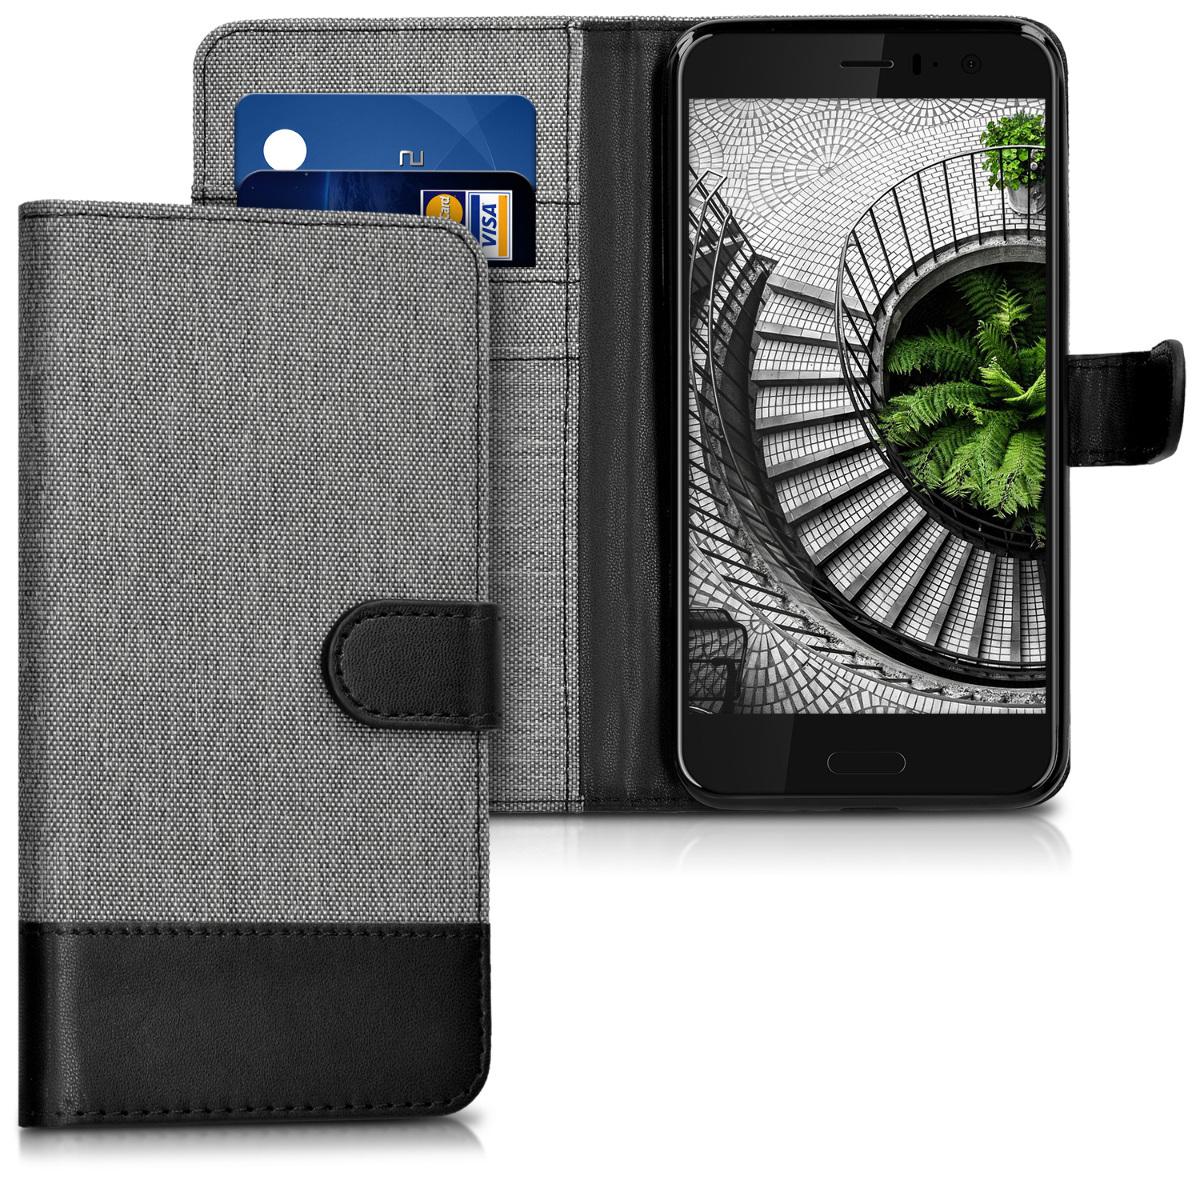 KW Θήκη - Πορτοφόλι HTC U11 - Συνθετικό Δέρμα - Grey / Black (41797.22)